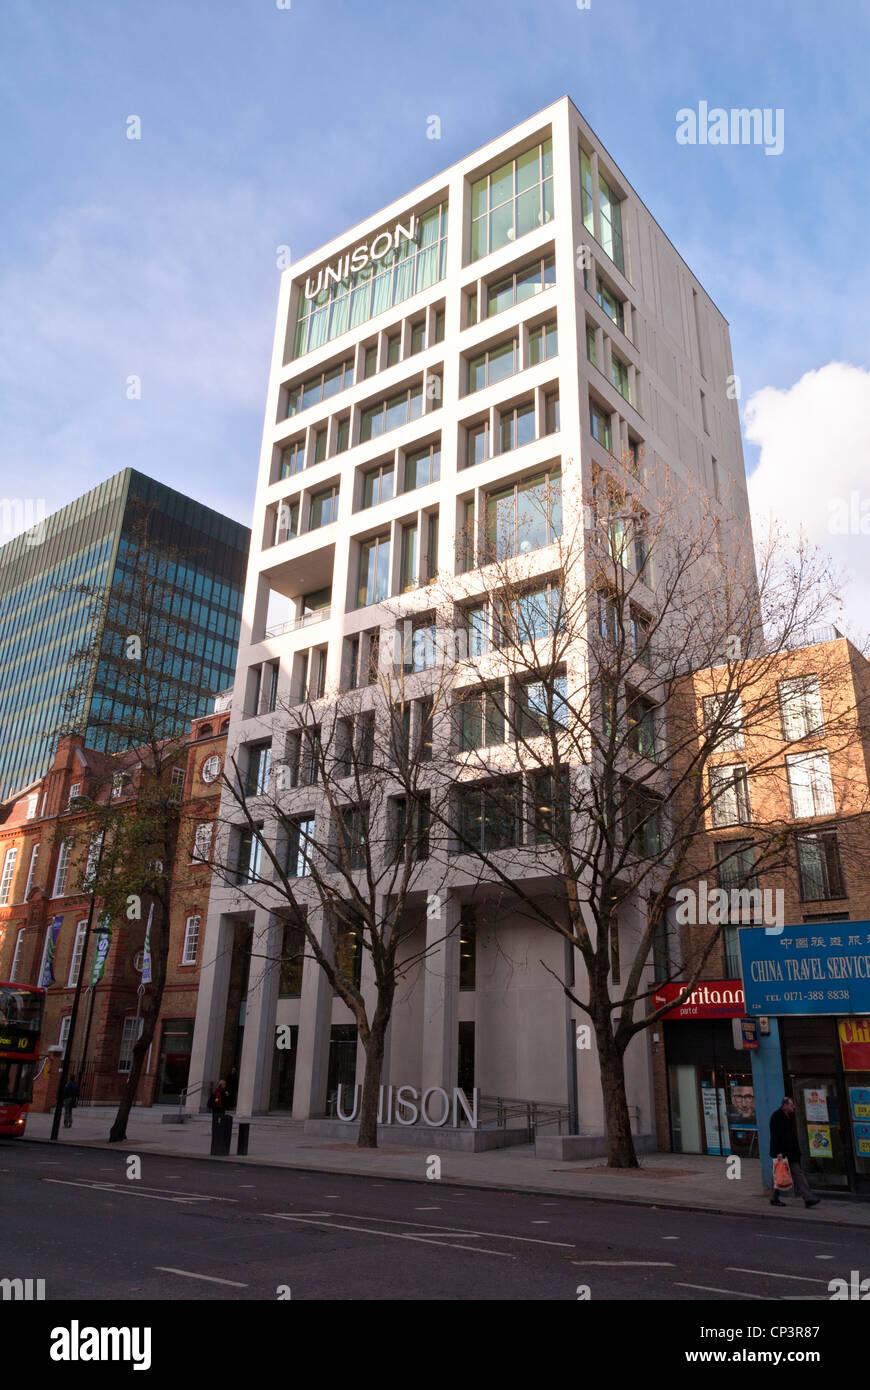 Unison tower on Euston Road, London, England, UK - Stock Image